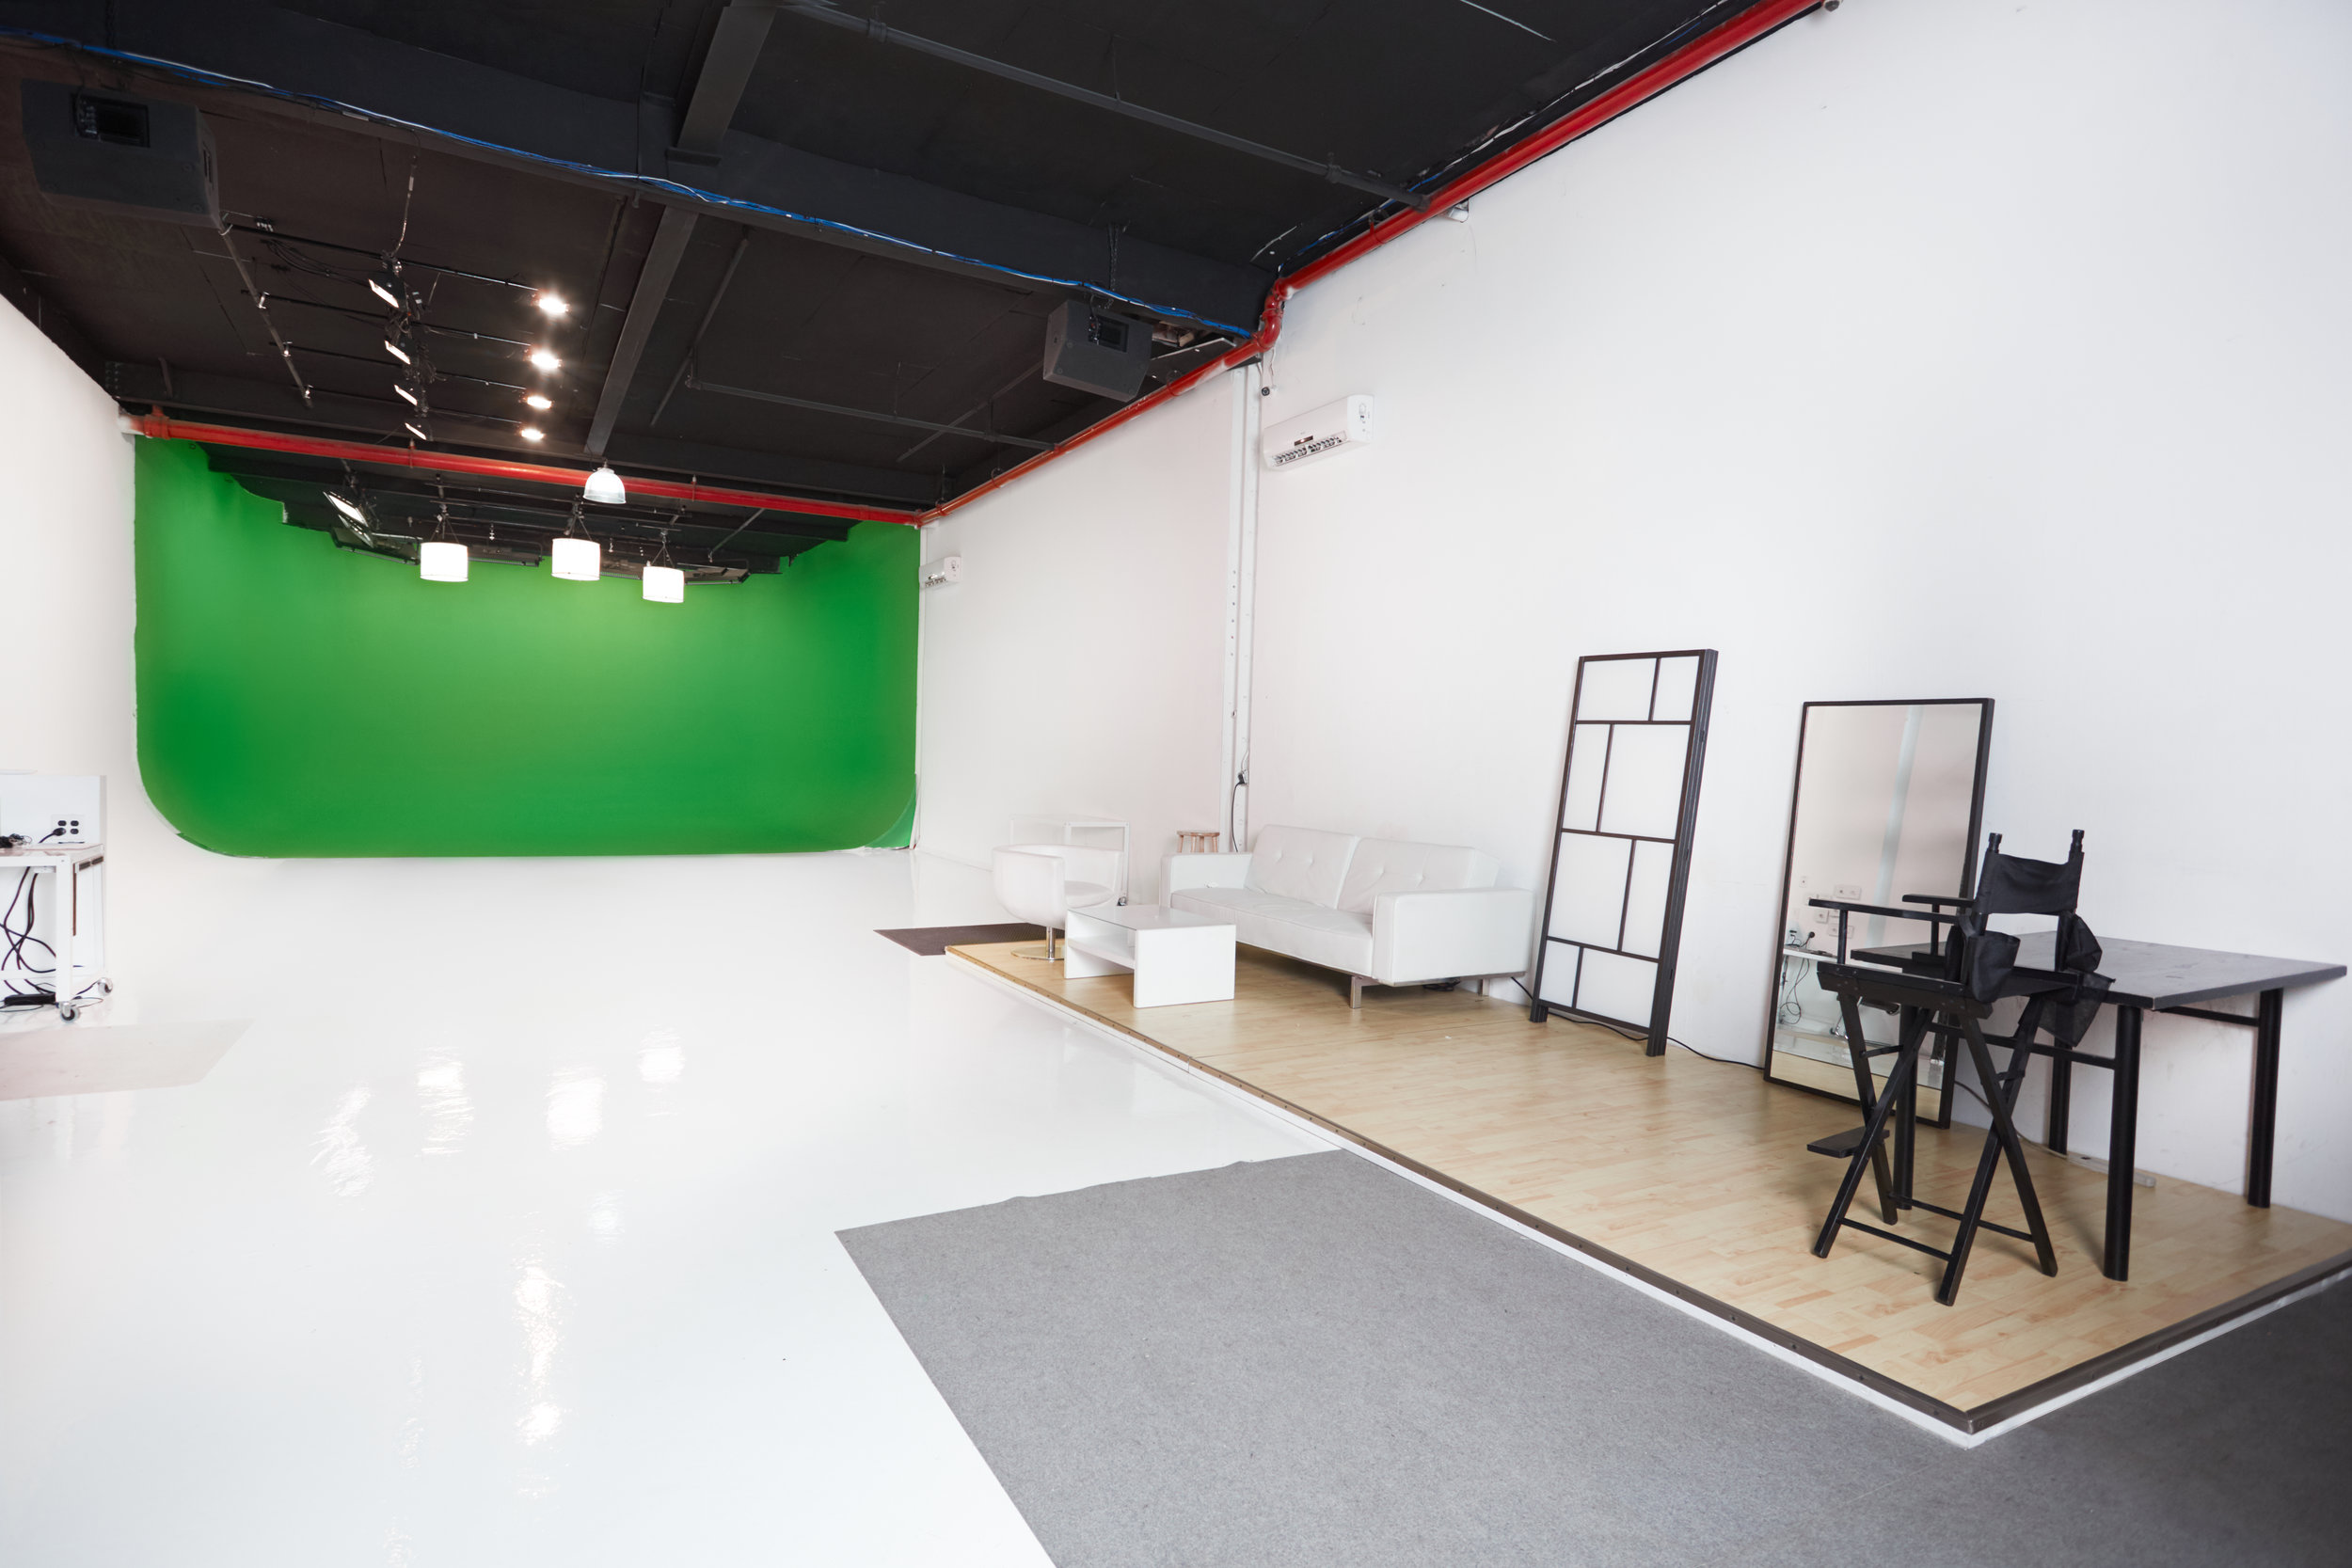 BMJ_studios_cyc_stage_nyc.jpg